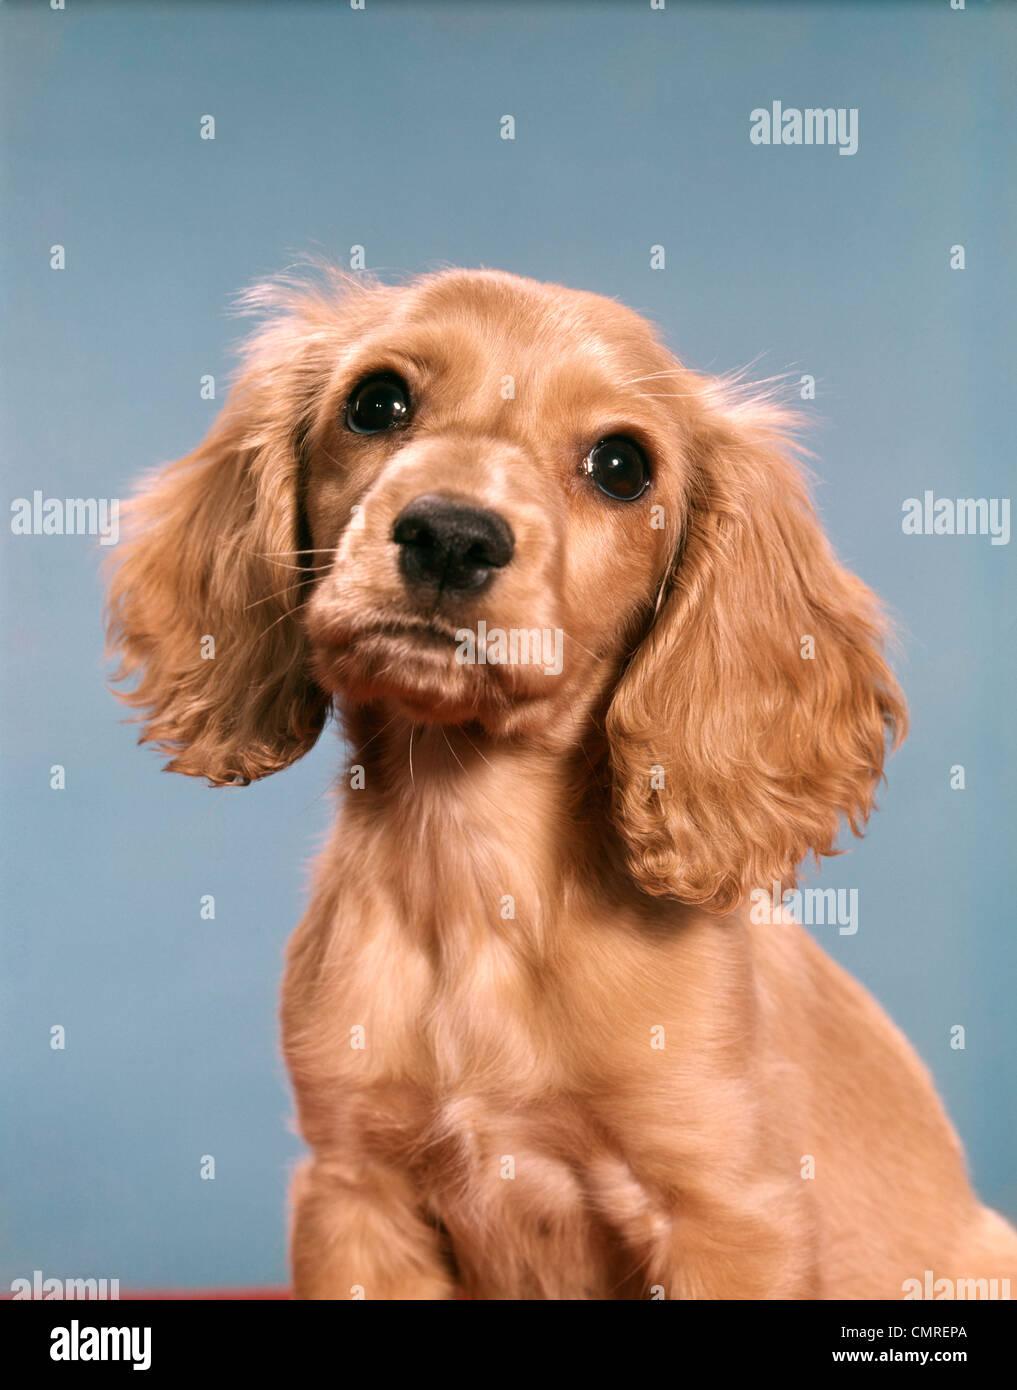 Anni ottanta carino cocker spaniel cucciolo guardando la fotocamera Immagini Stock